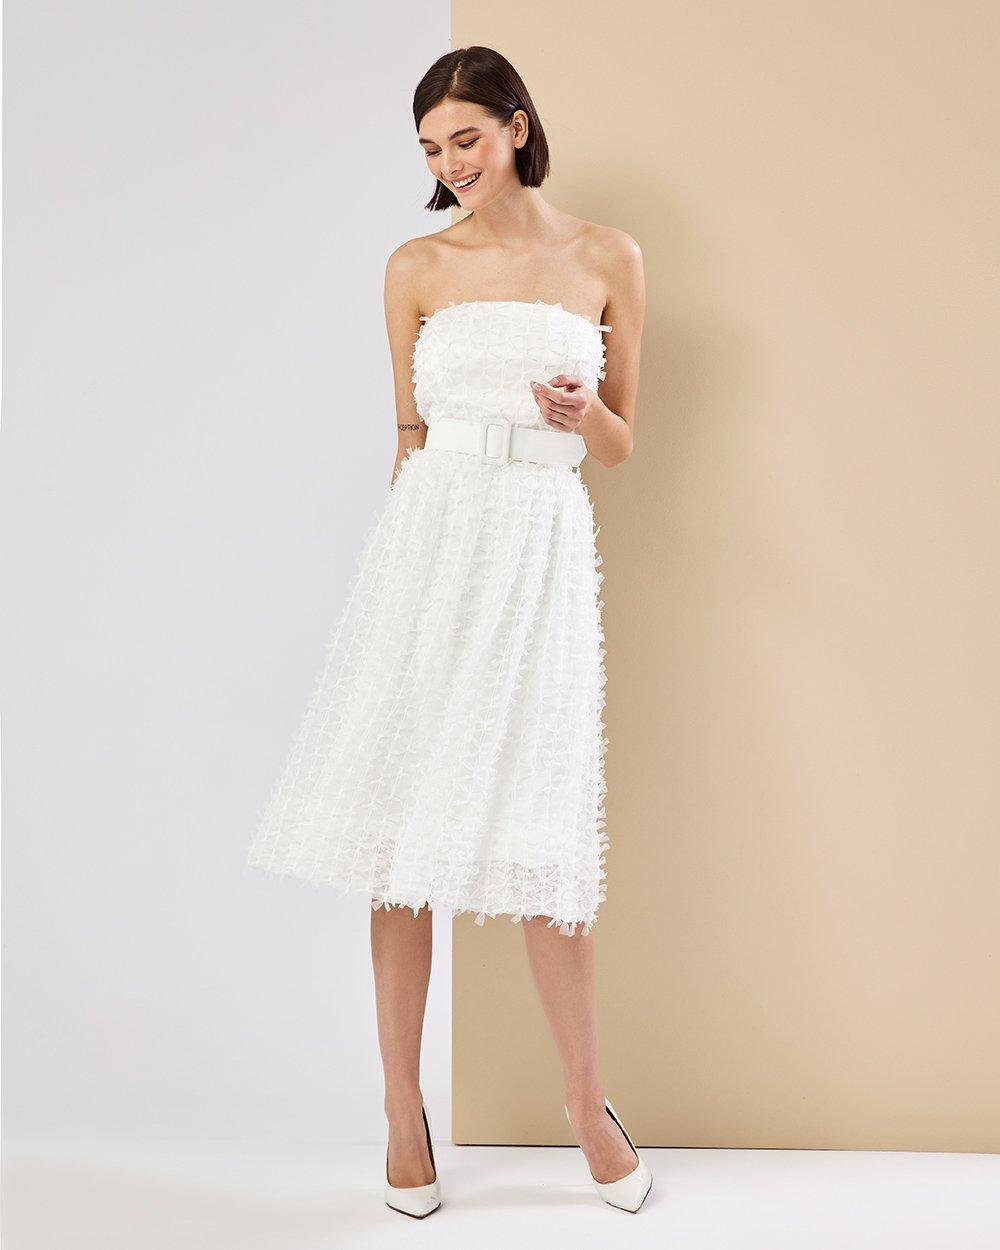 Φόρεμα στράπλες με ζώνη στη μέση